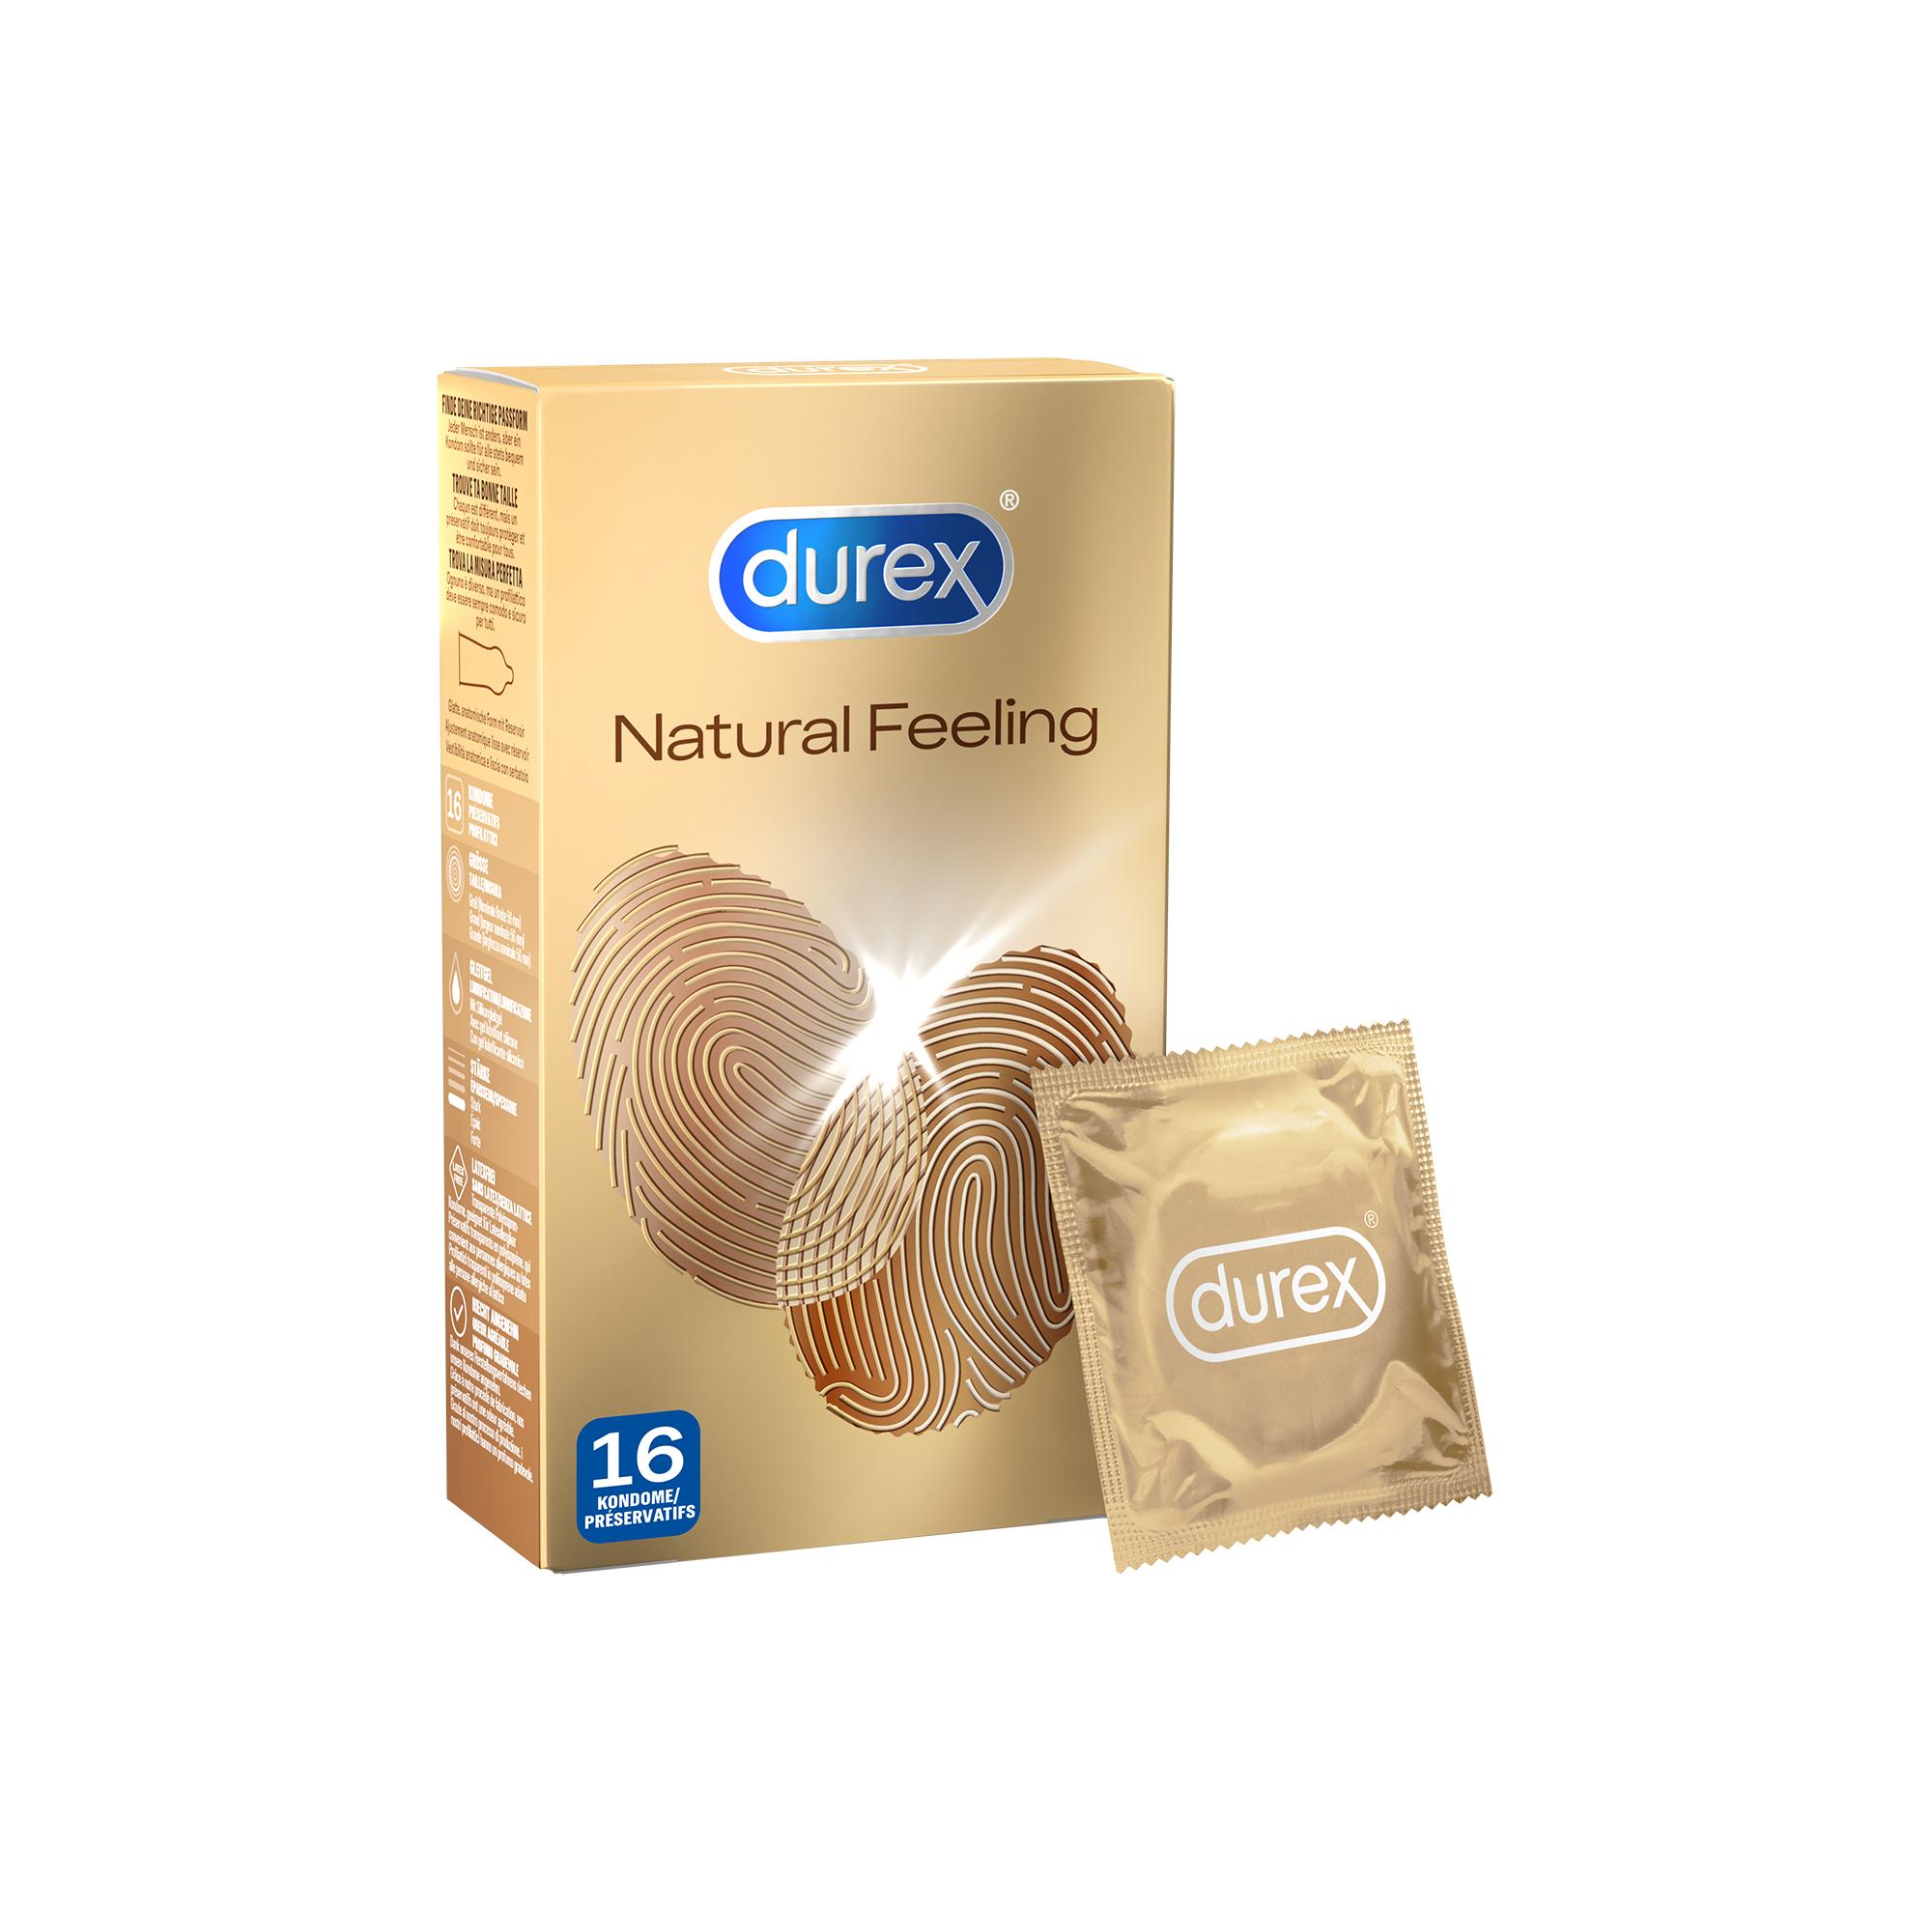 Gutscheinfehler - Durex Natural Feeling - Latexfreie Kondome 16er Packung